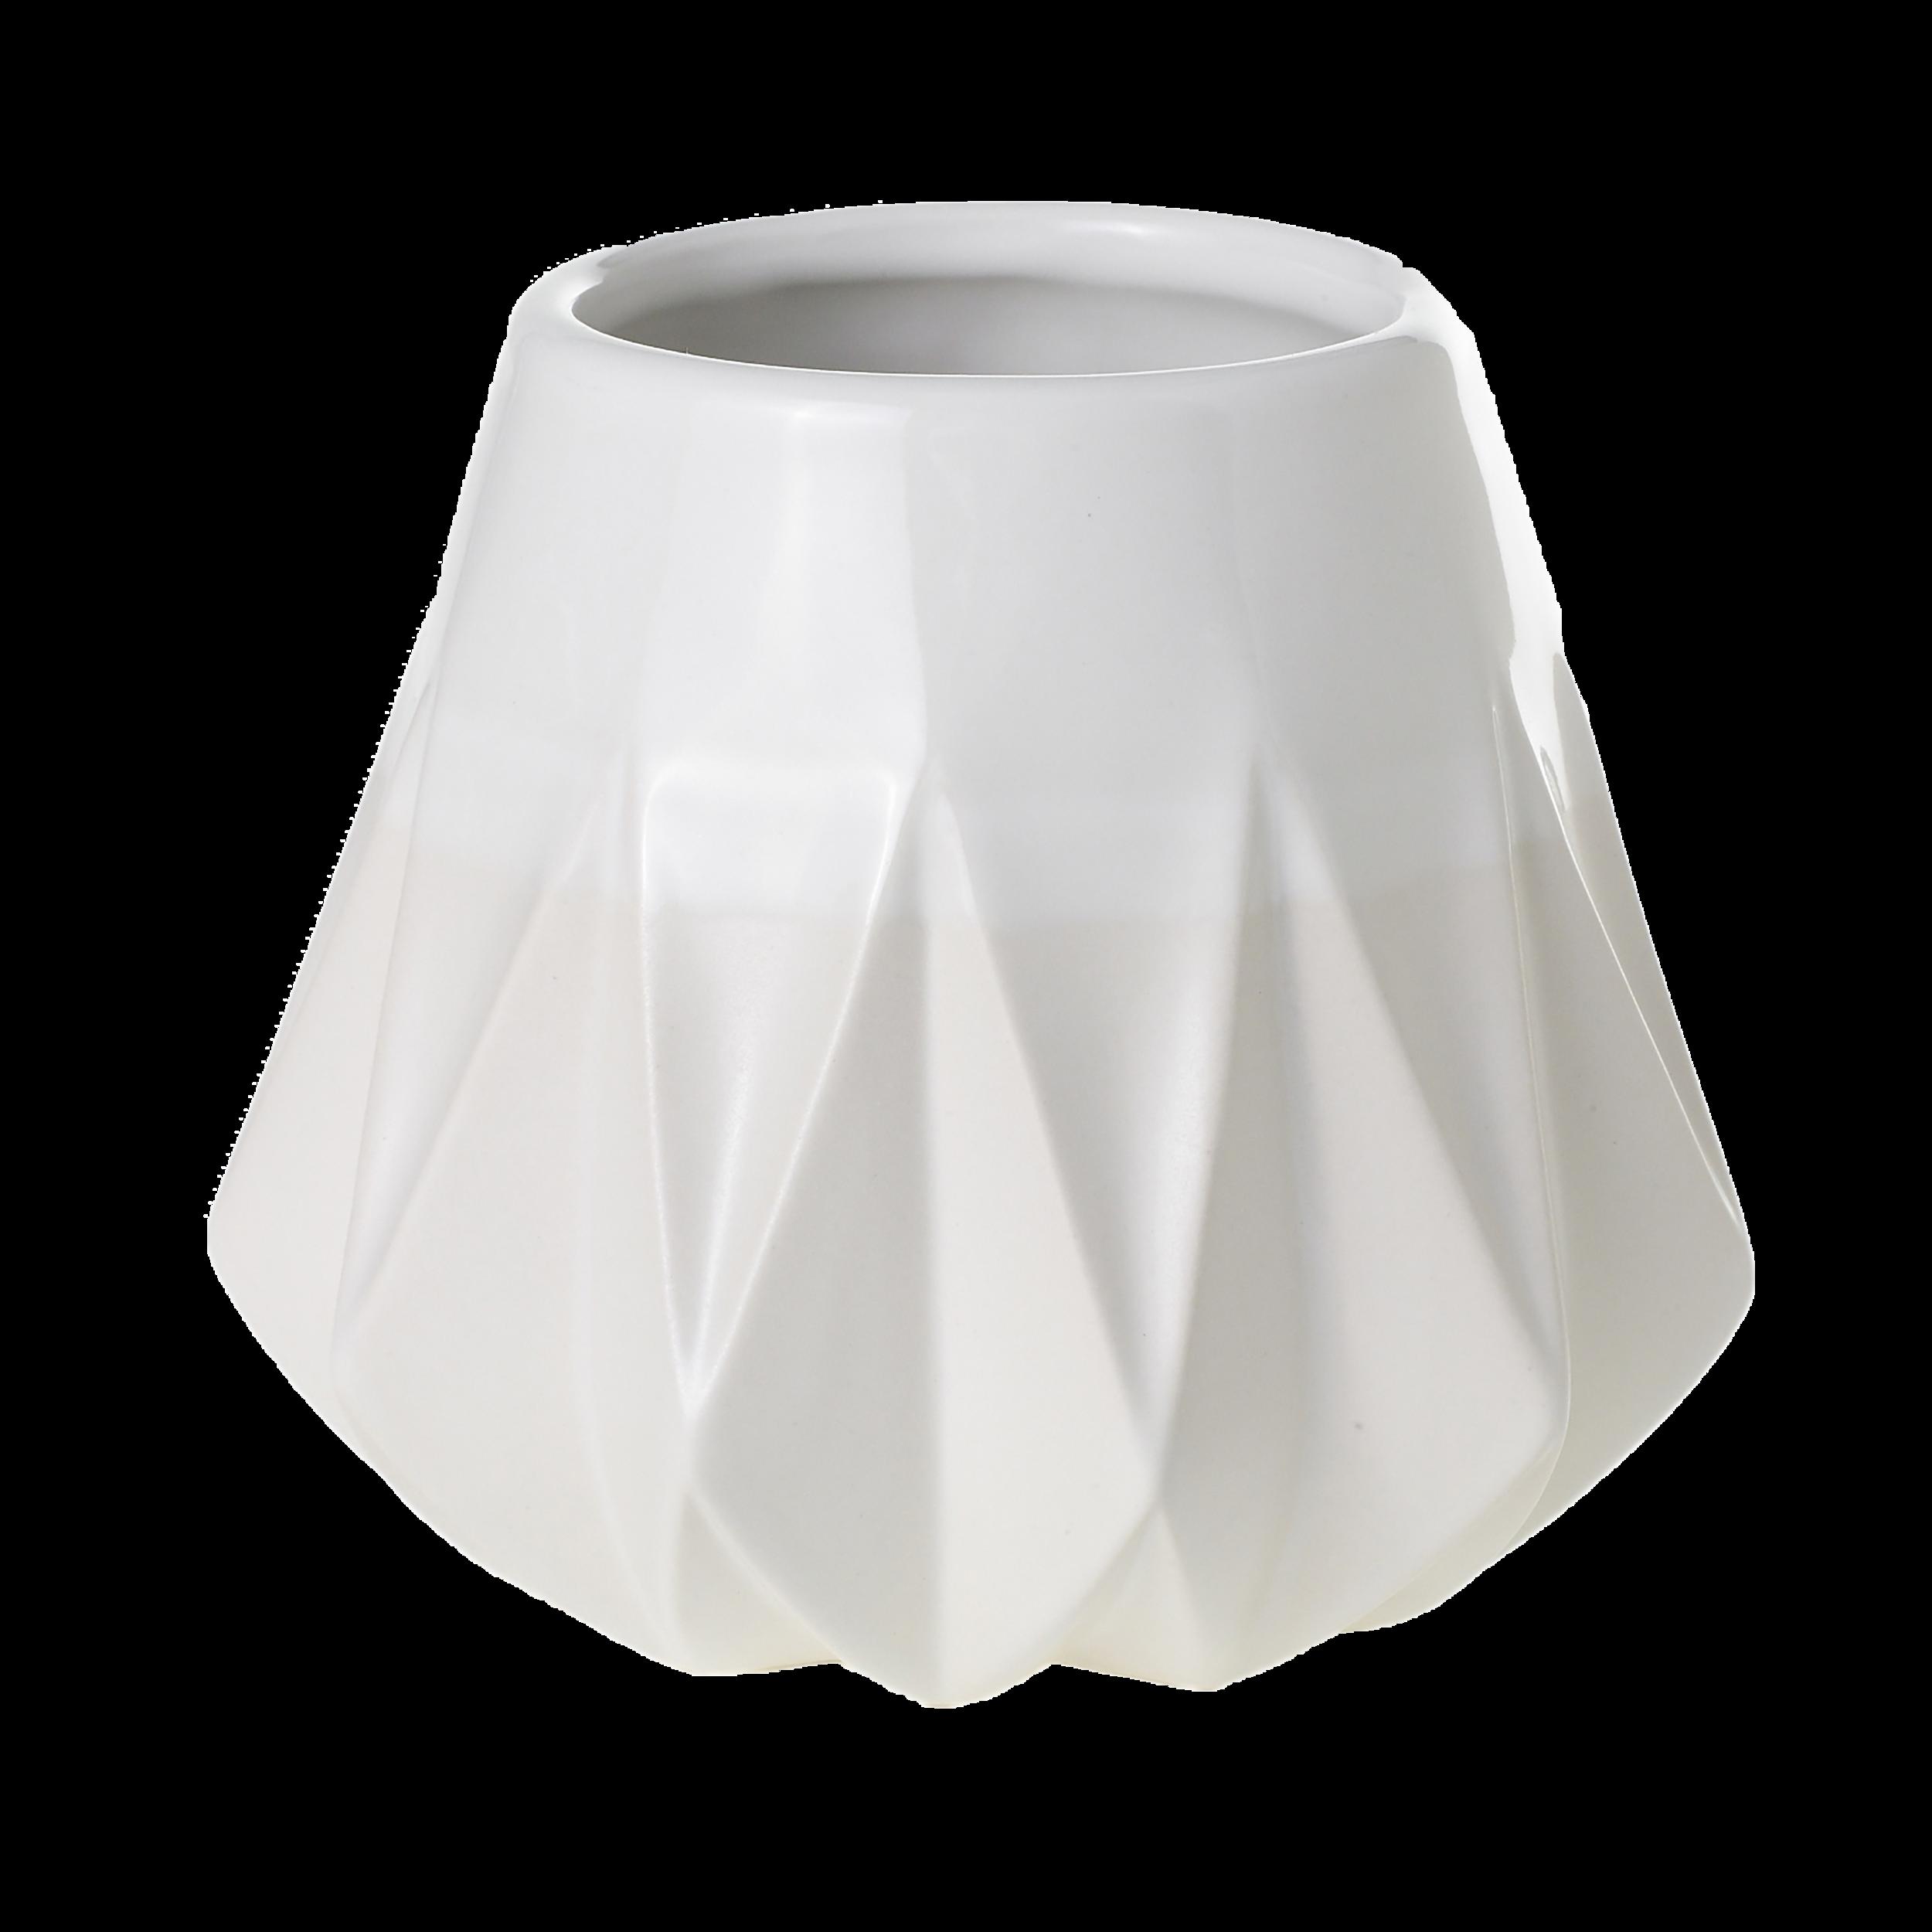 Teco Vase Short